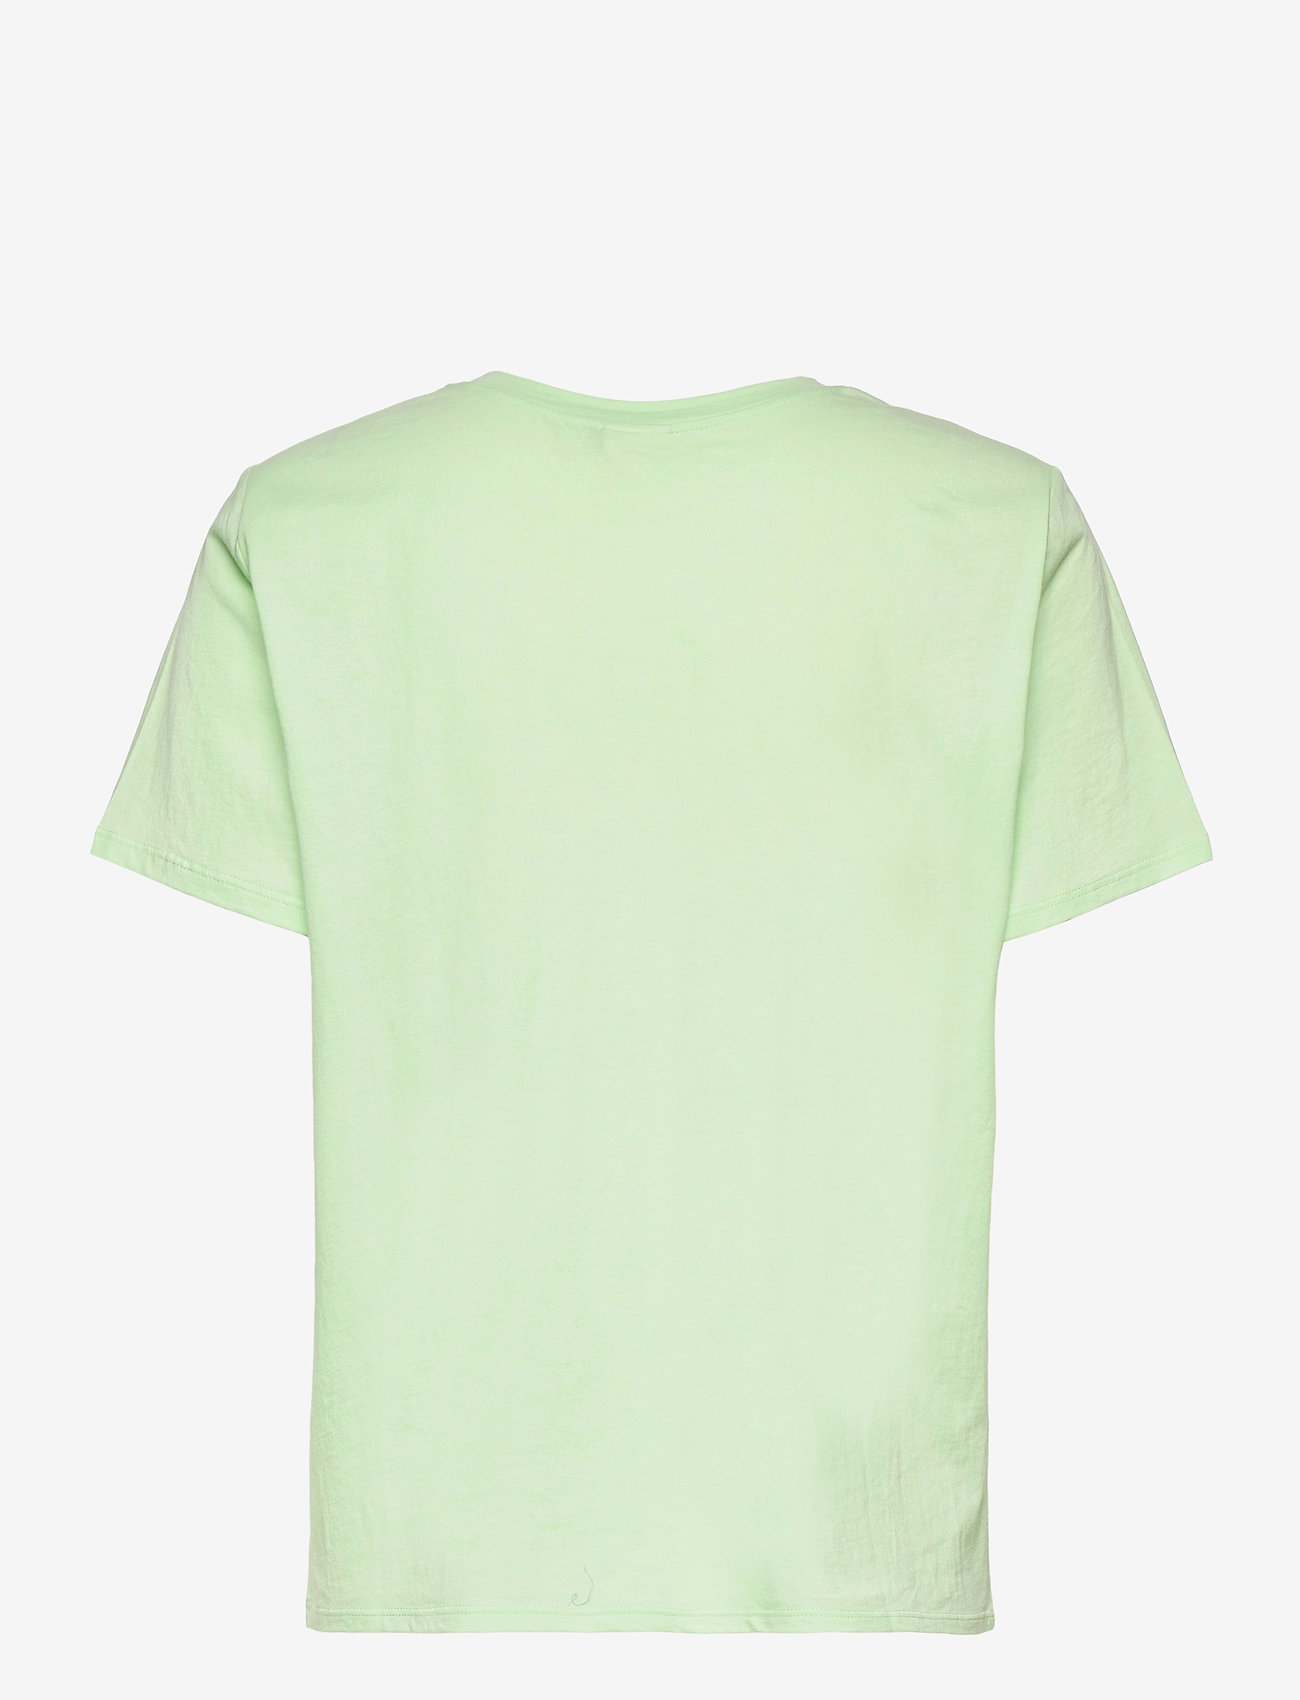 Twist & Tango - Heidi Tee - t-shirts - lt spirulina - 1